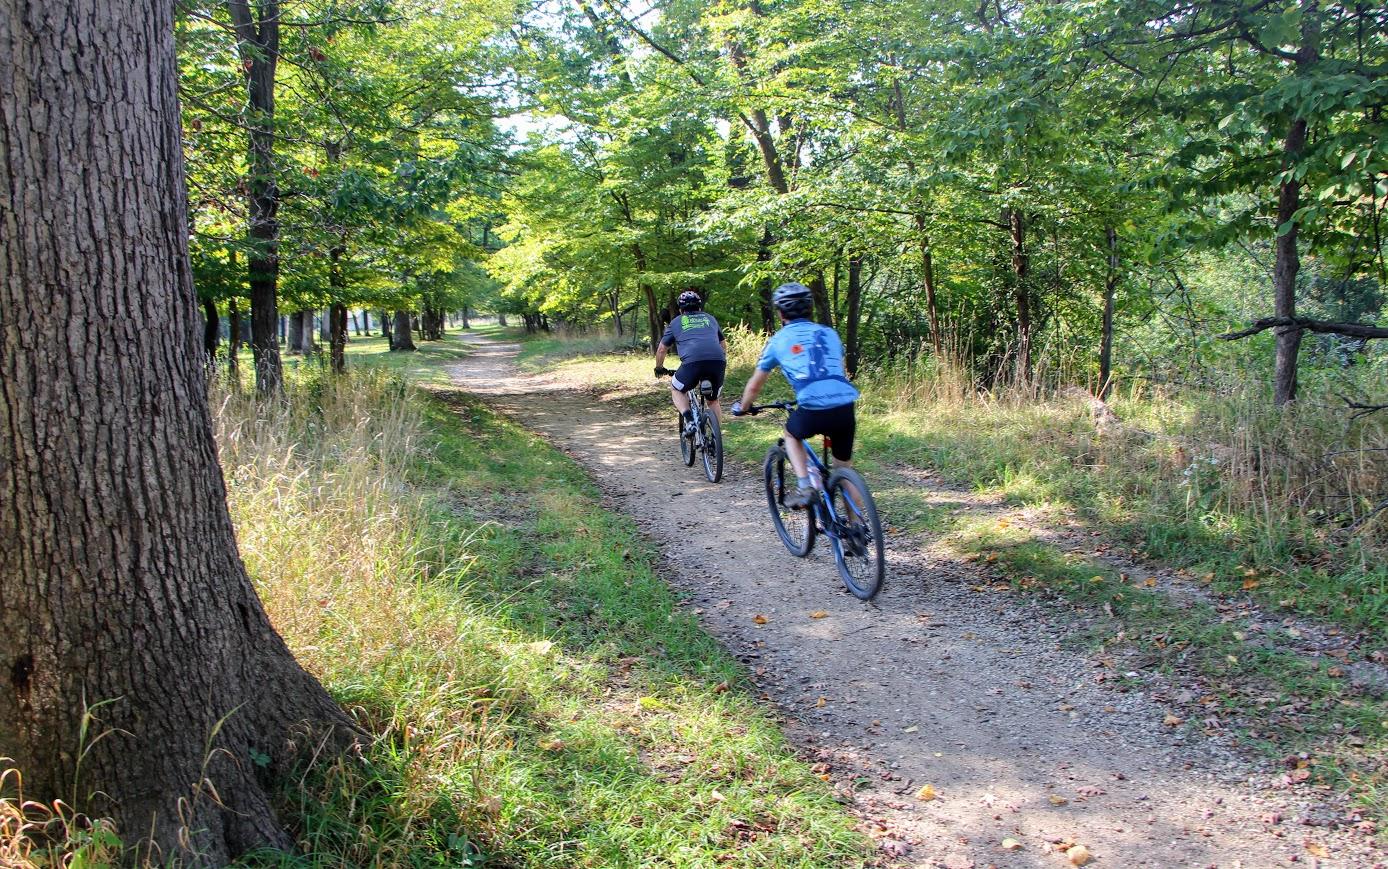 des-plaines-river-trail-2